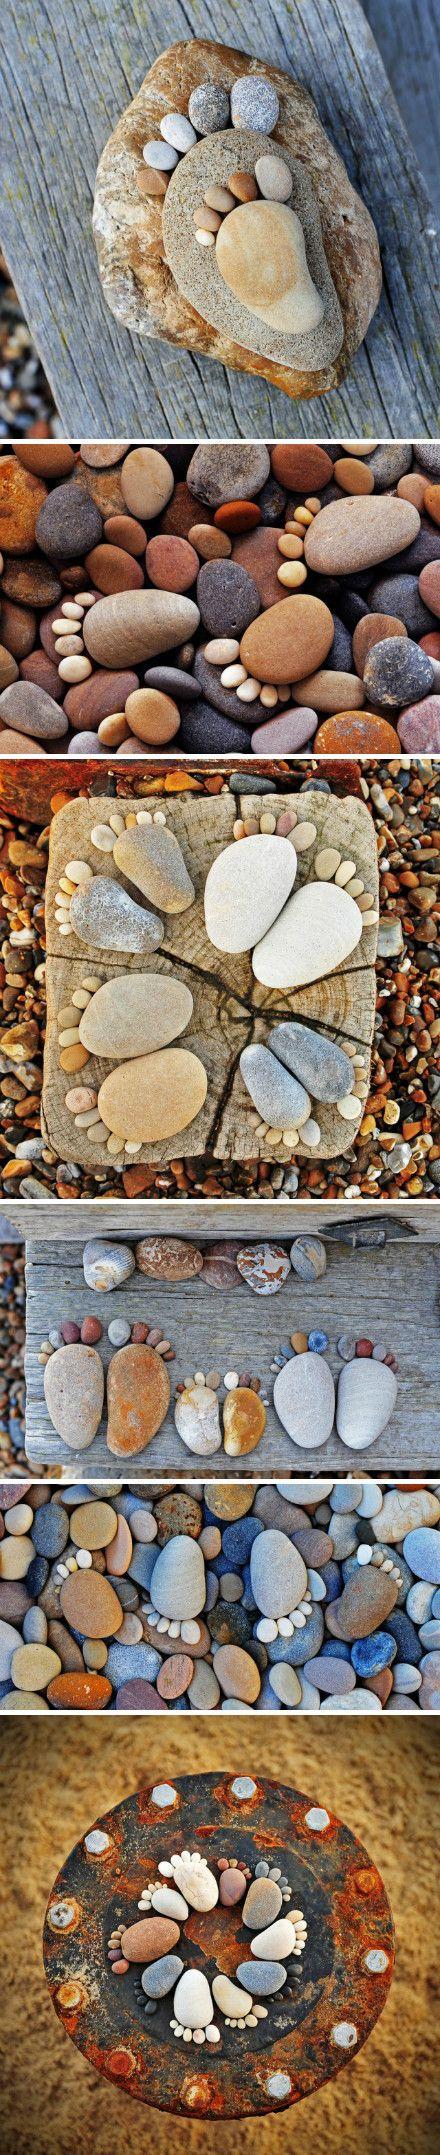 more stone feet